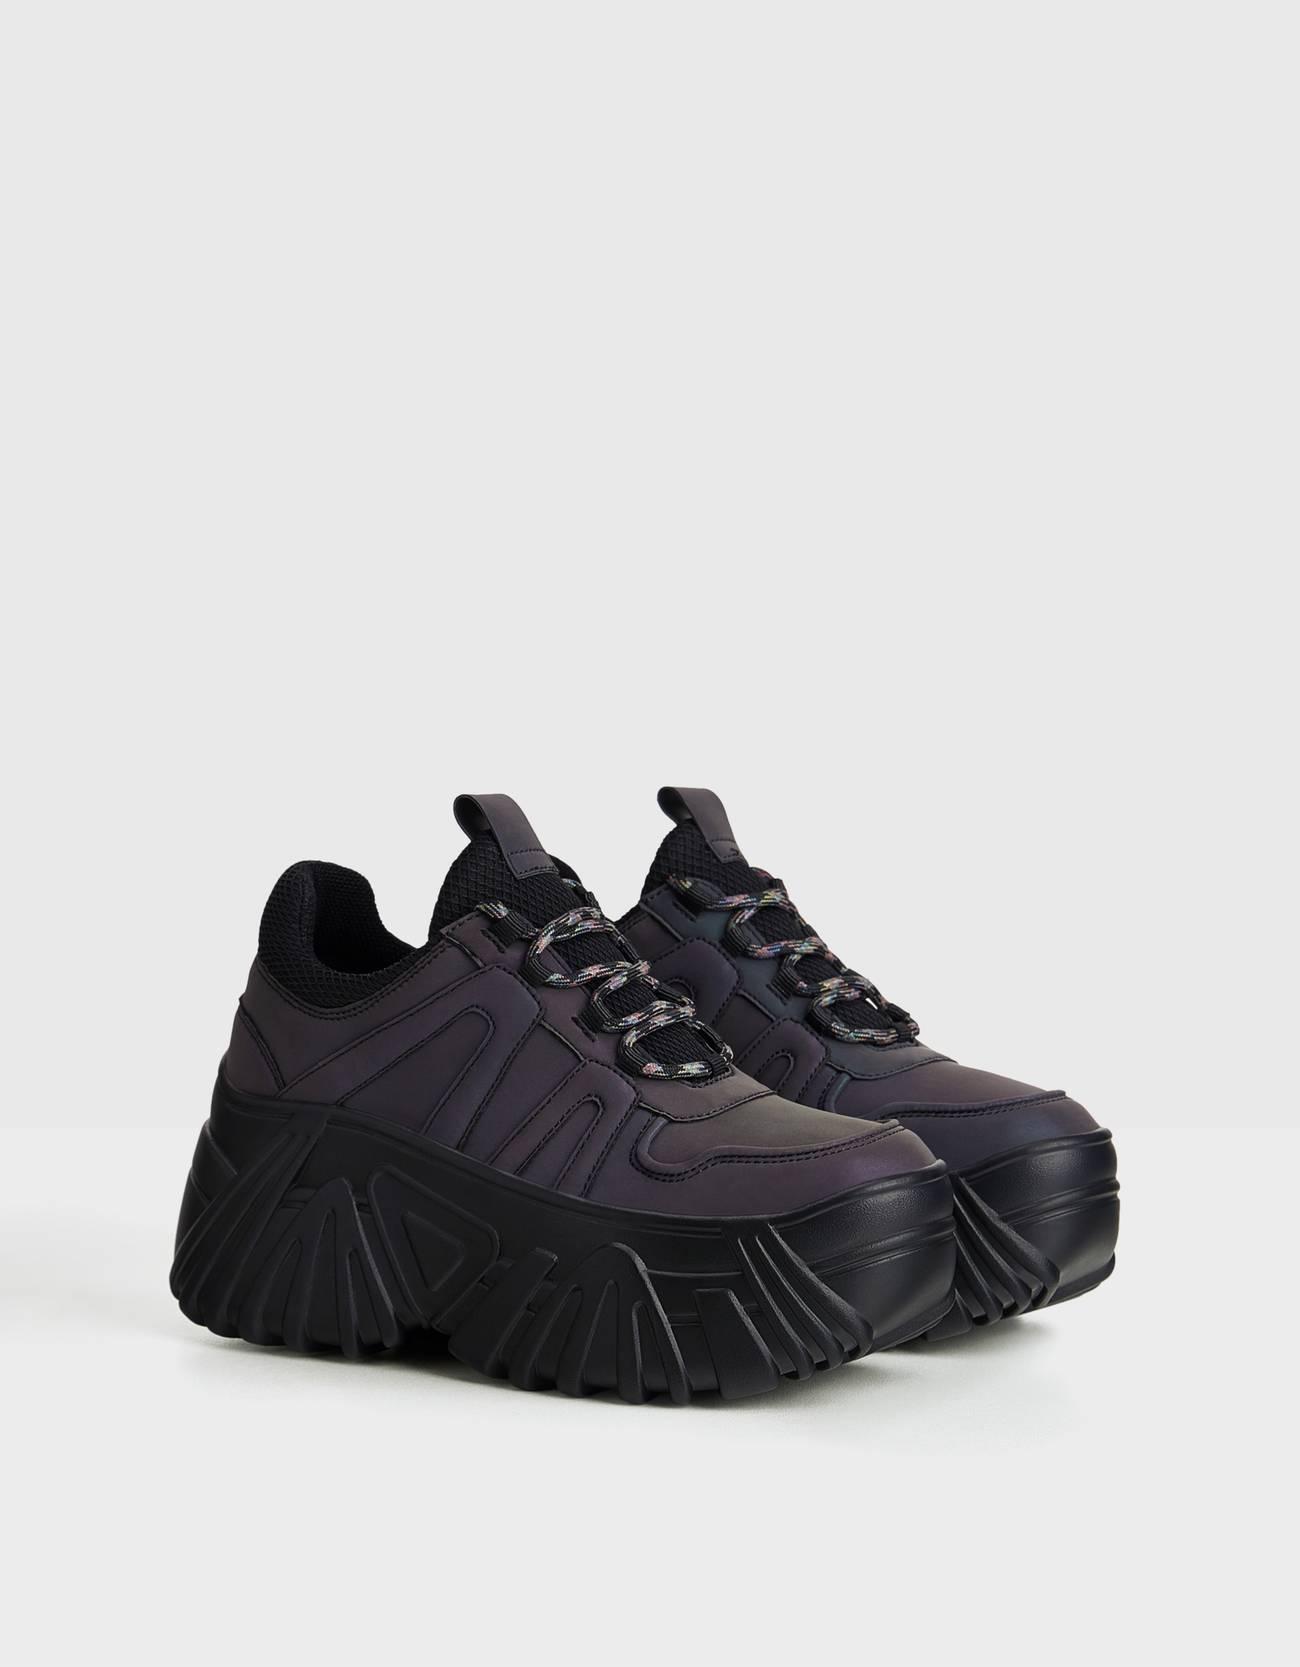 Fosforlu platform spor ayakkabı